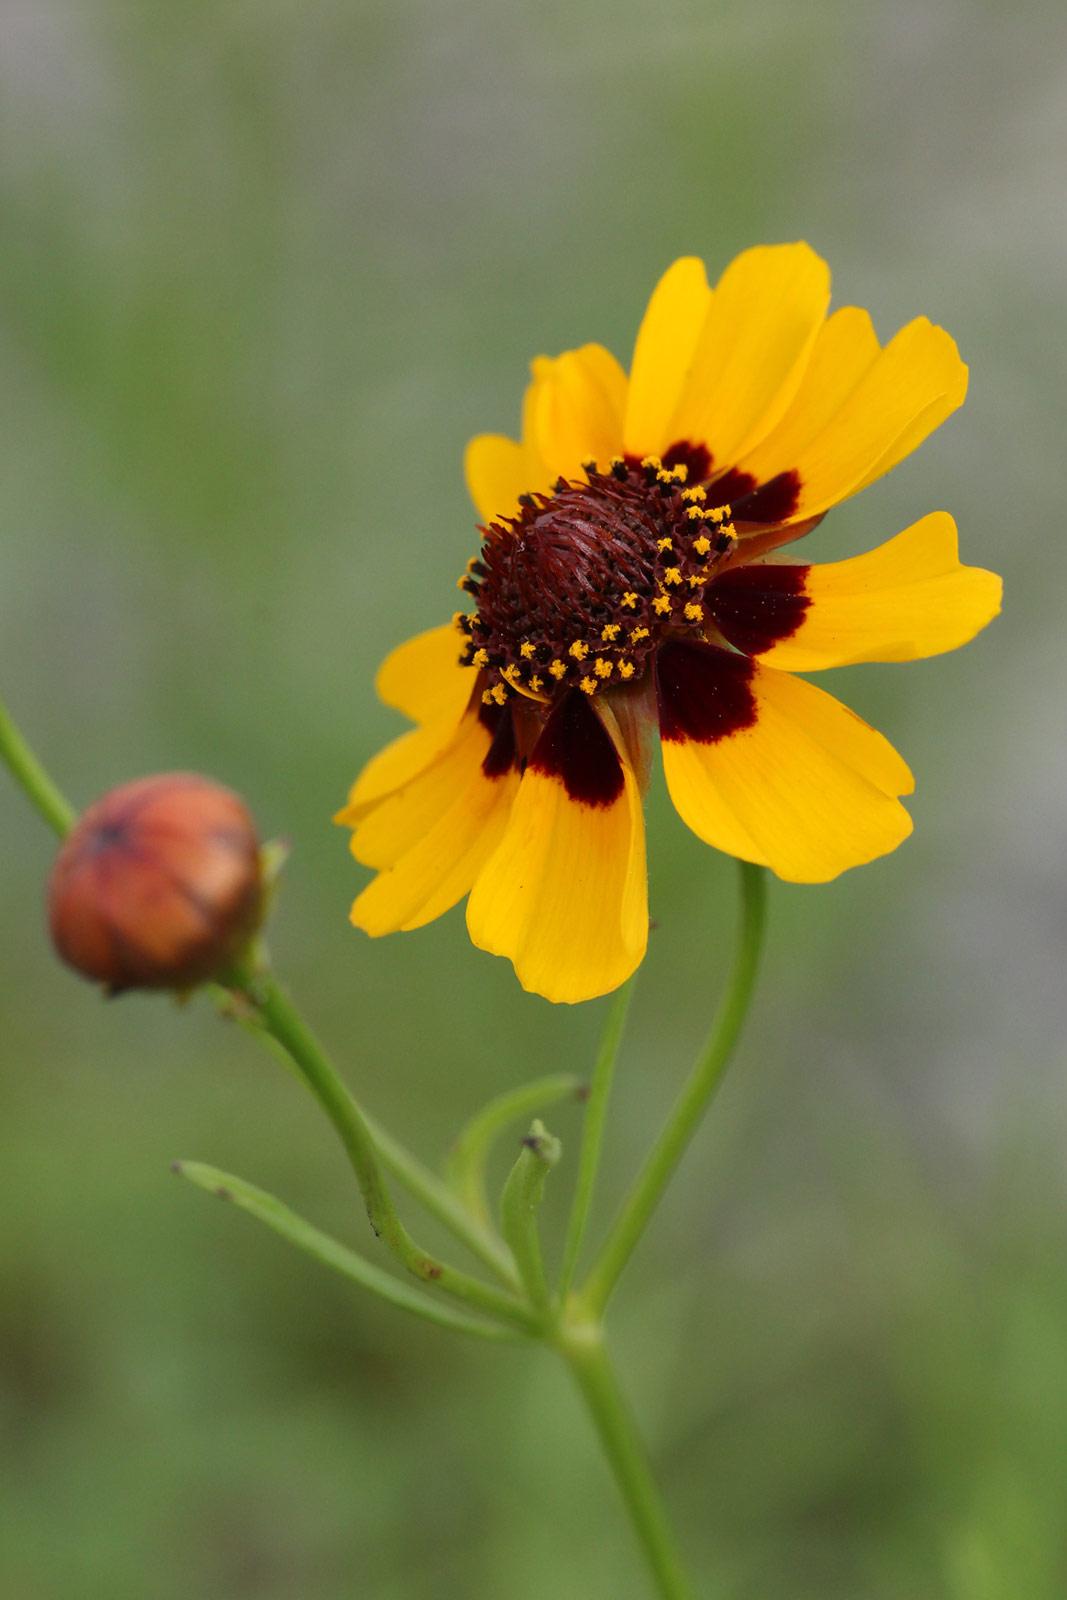 ハルシャギク(波斯菊) / お花の写真集